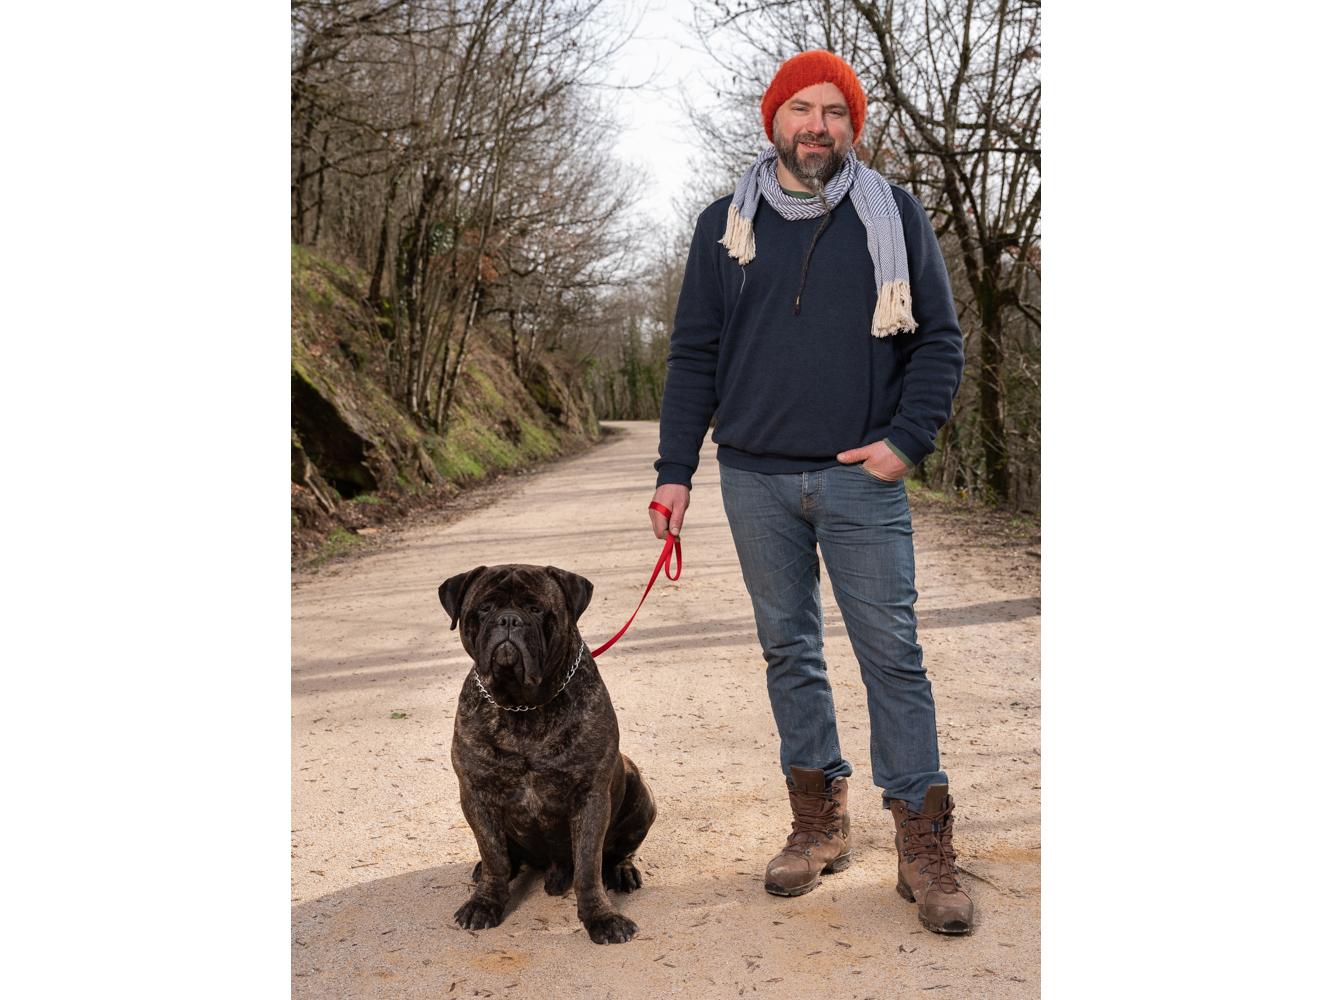 Benoît, artisan, usagers voie verte Parc naturel Haut-Languedoc région Occitanie